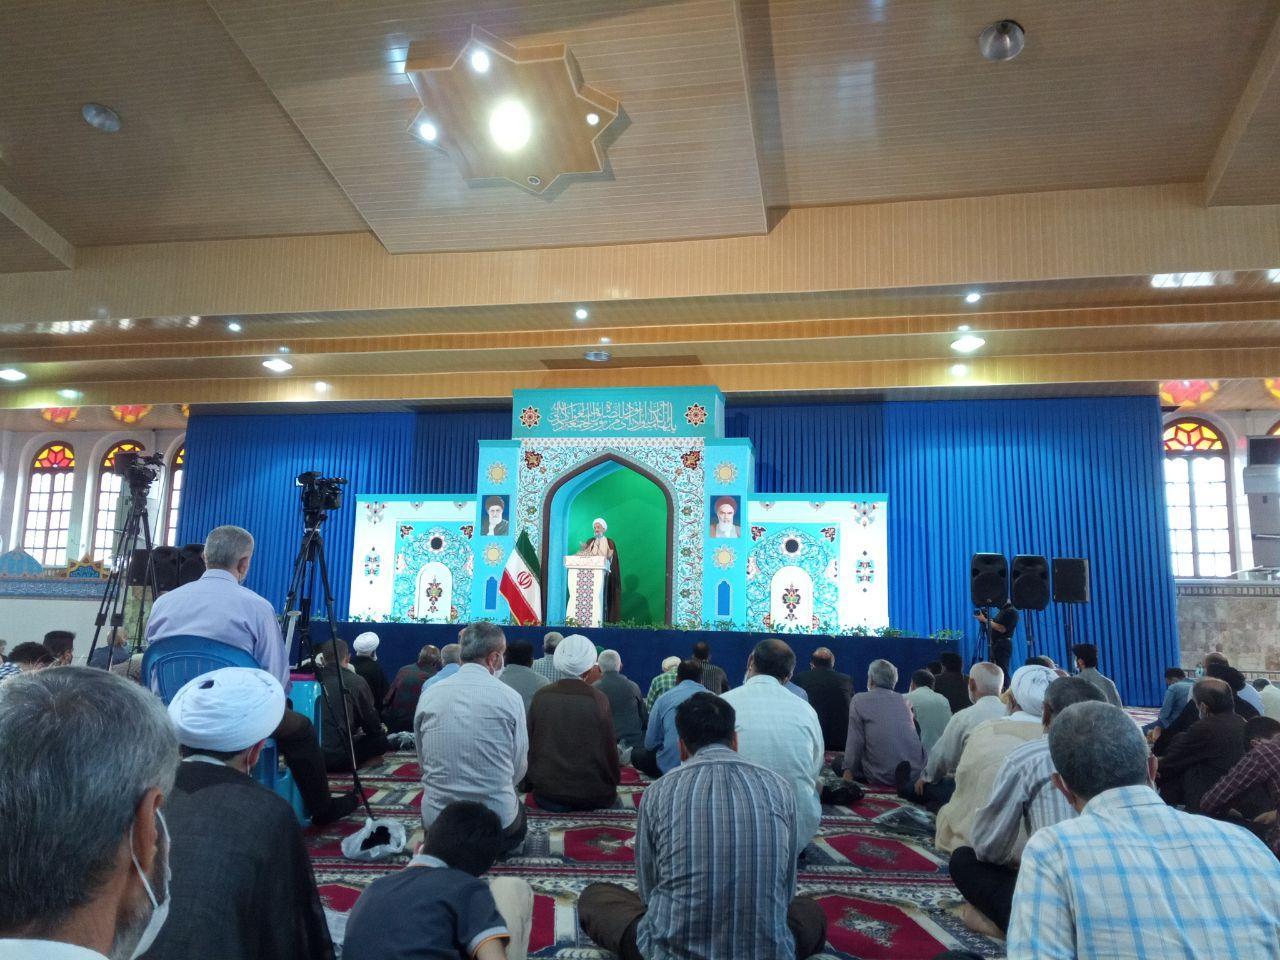 لزوم مقابله با فساد و تجاوز به عرصههای ملی